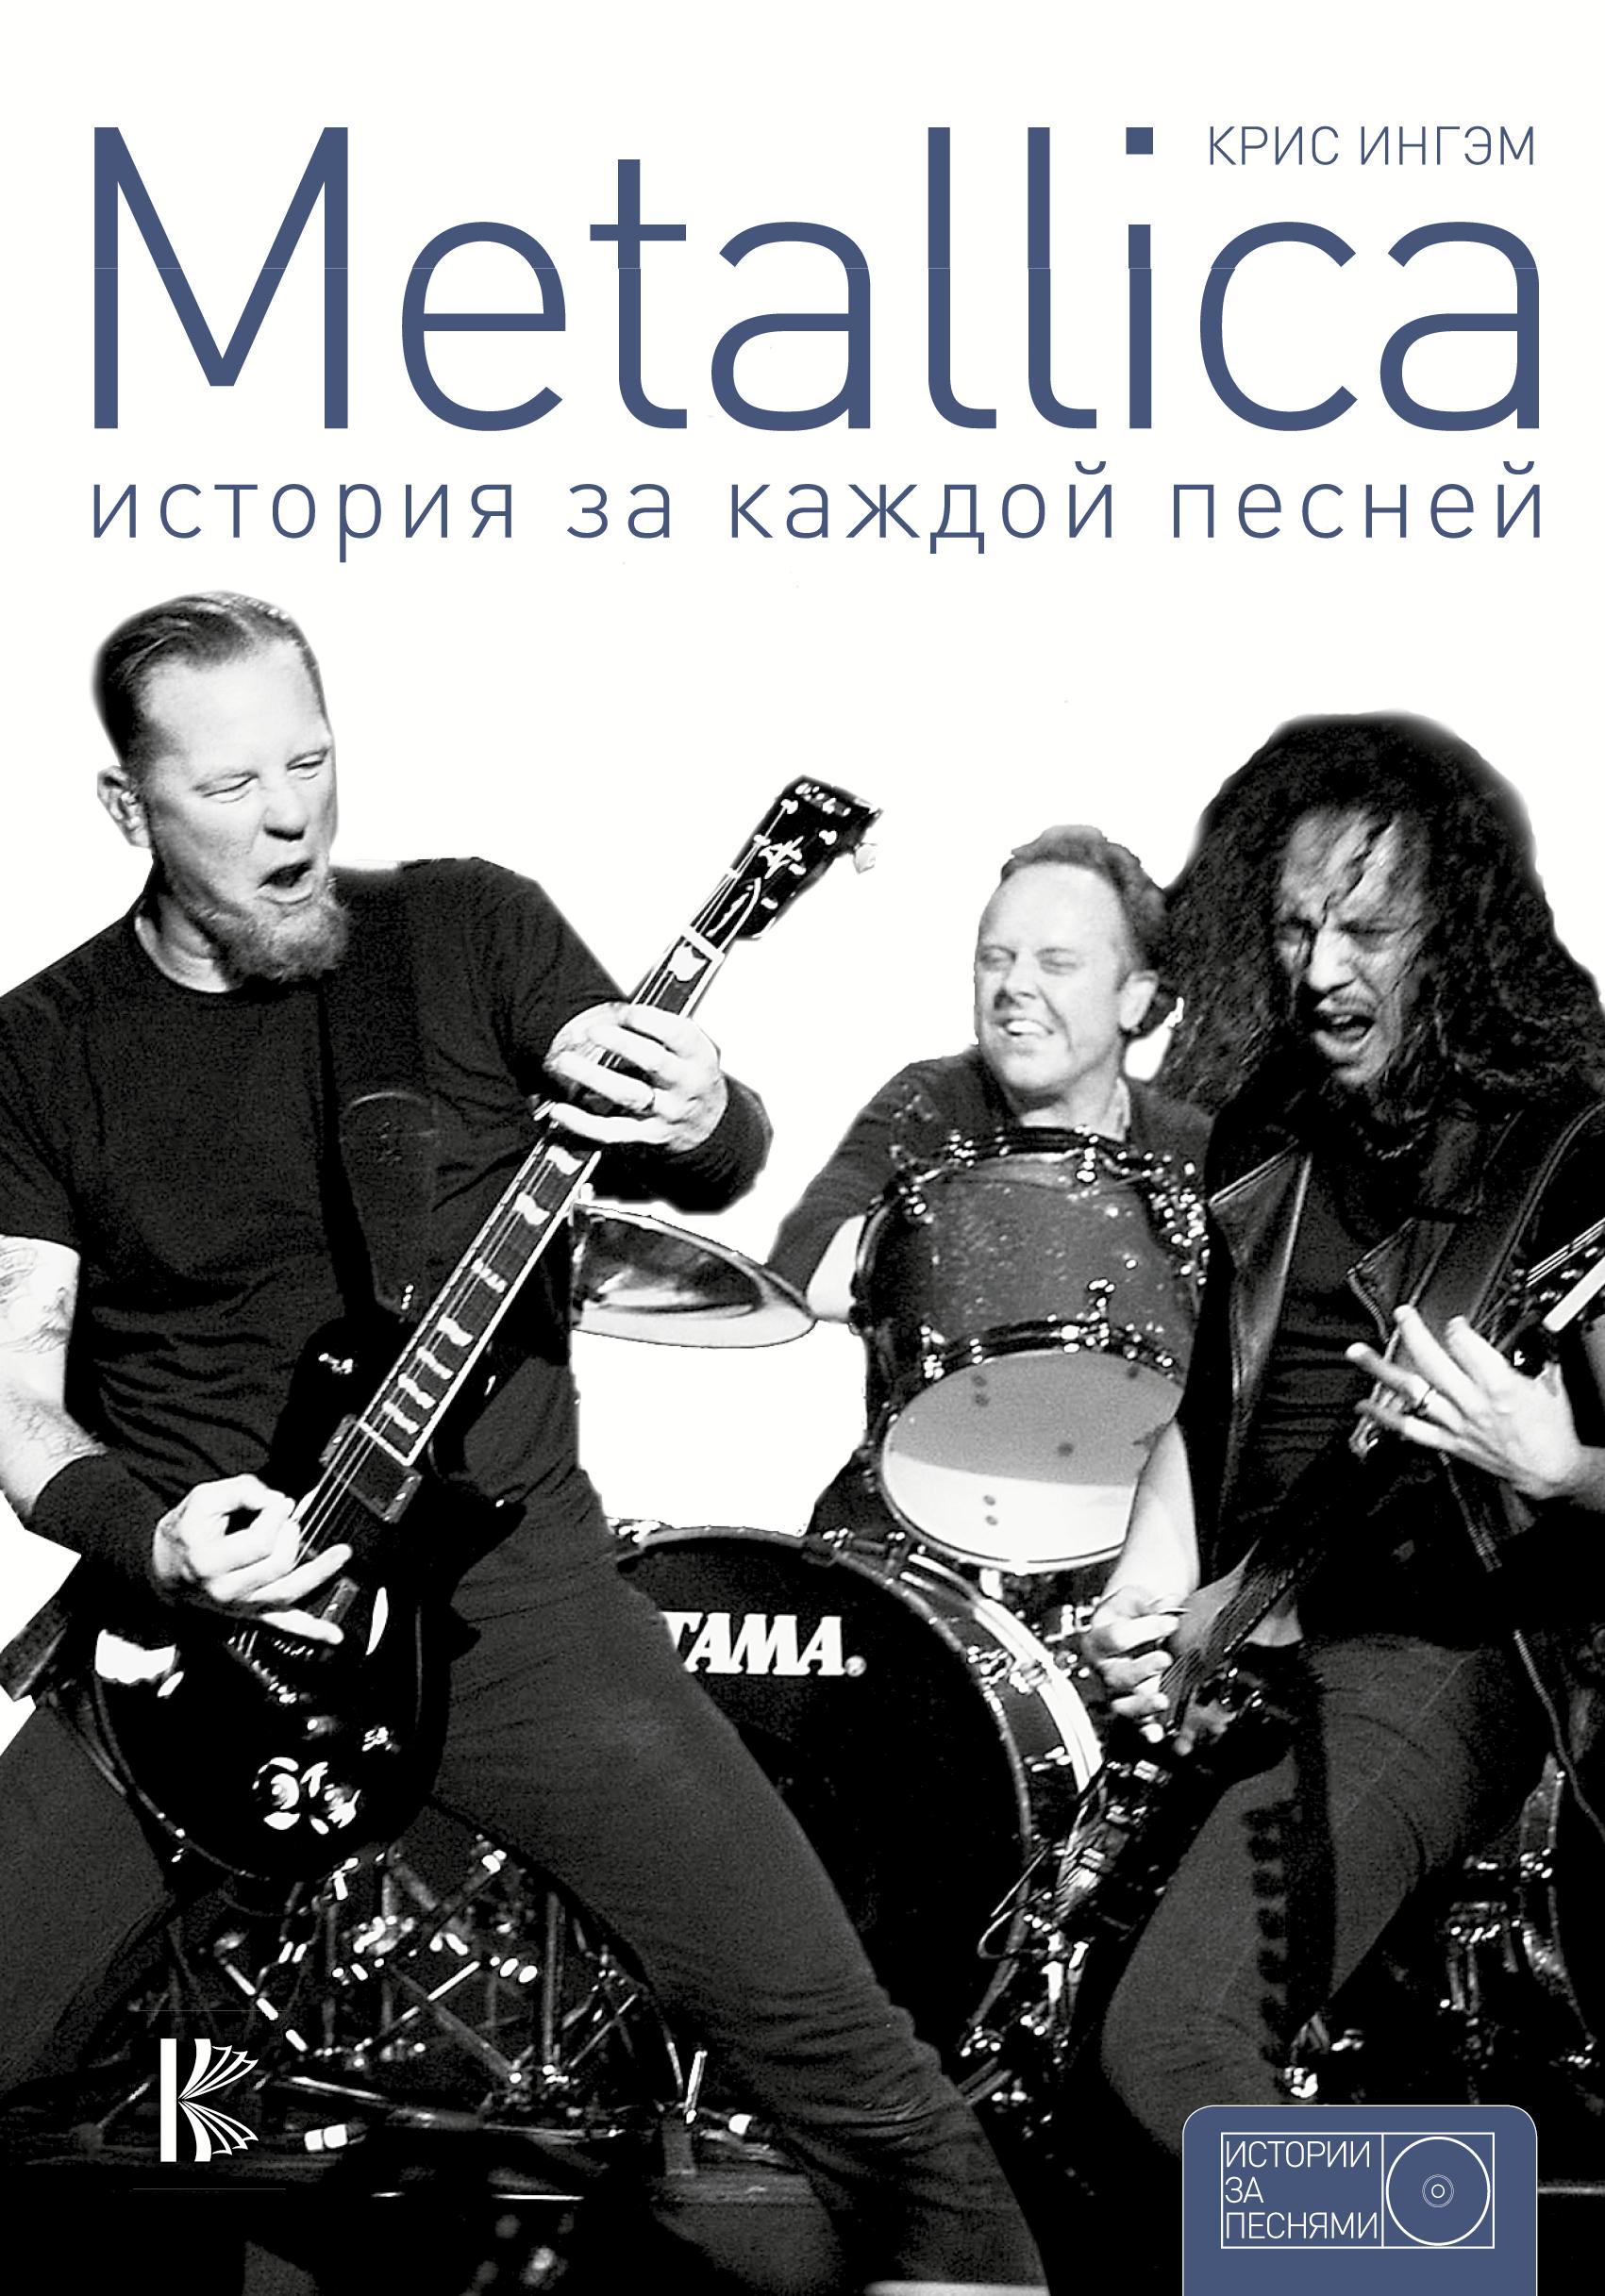 Фото - Крис Ингэм Metallica. История за каждой песней доэни д radiohead история за каждой песней